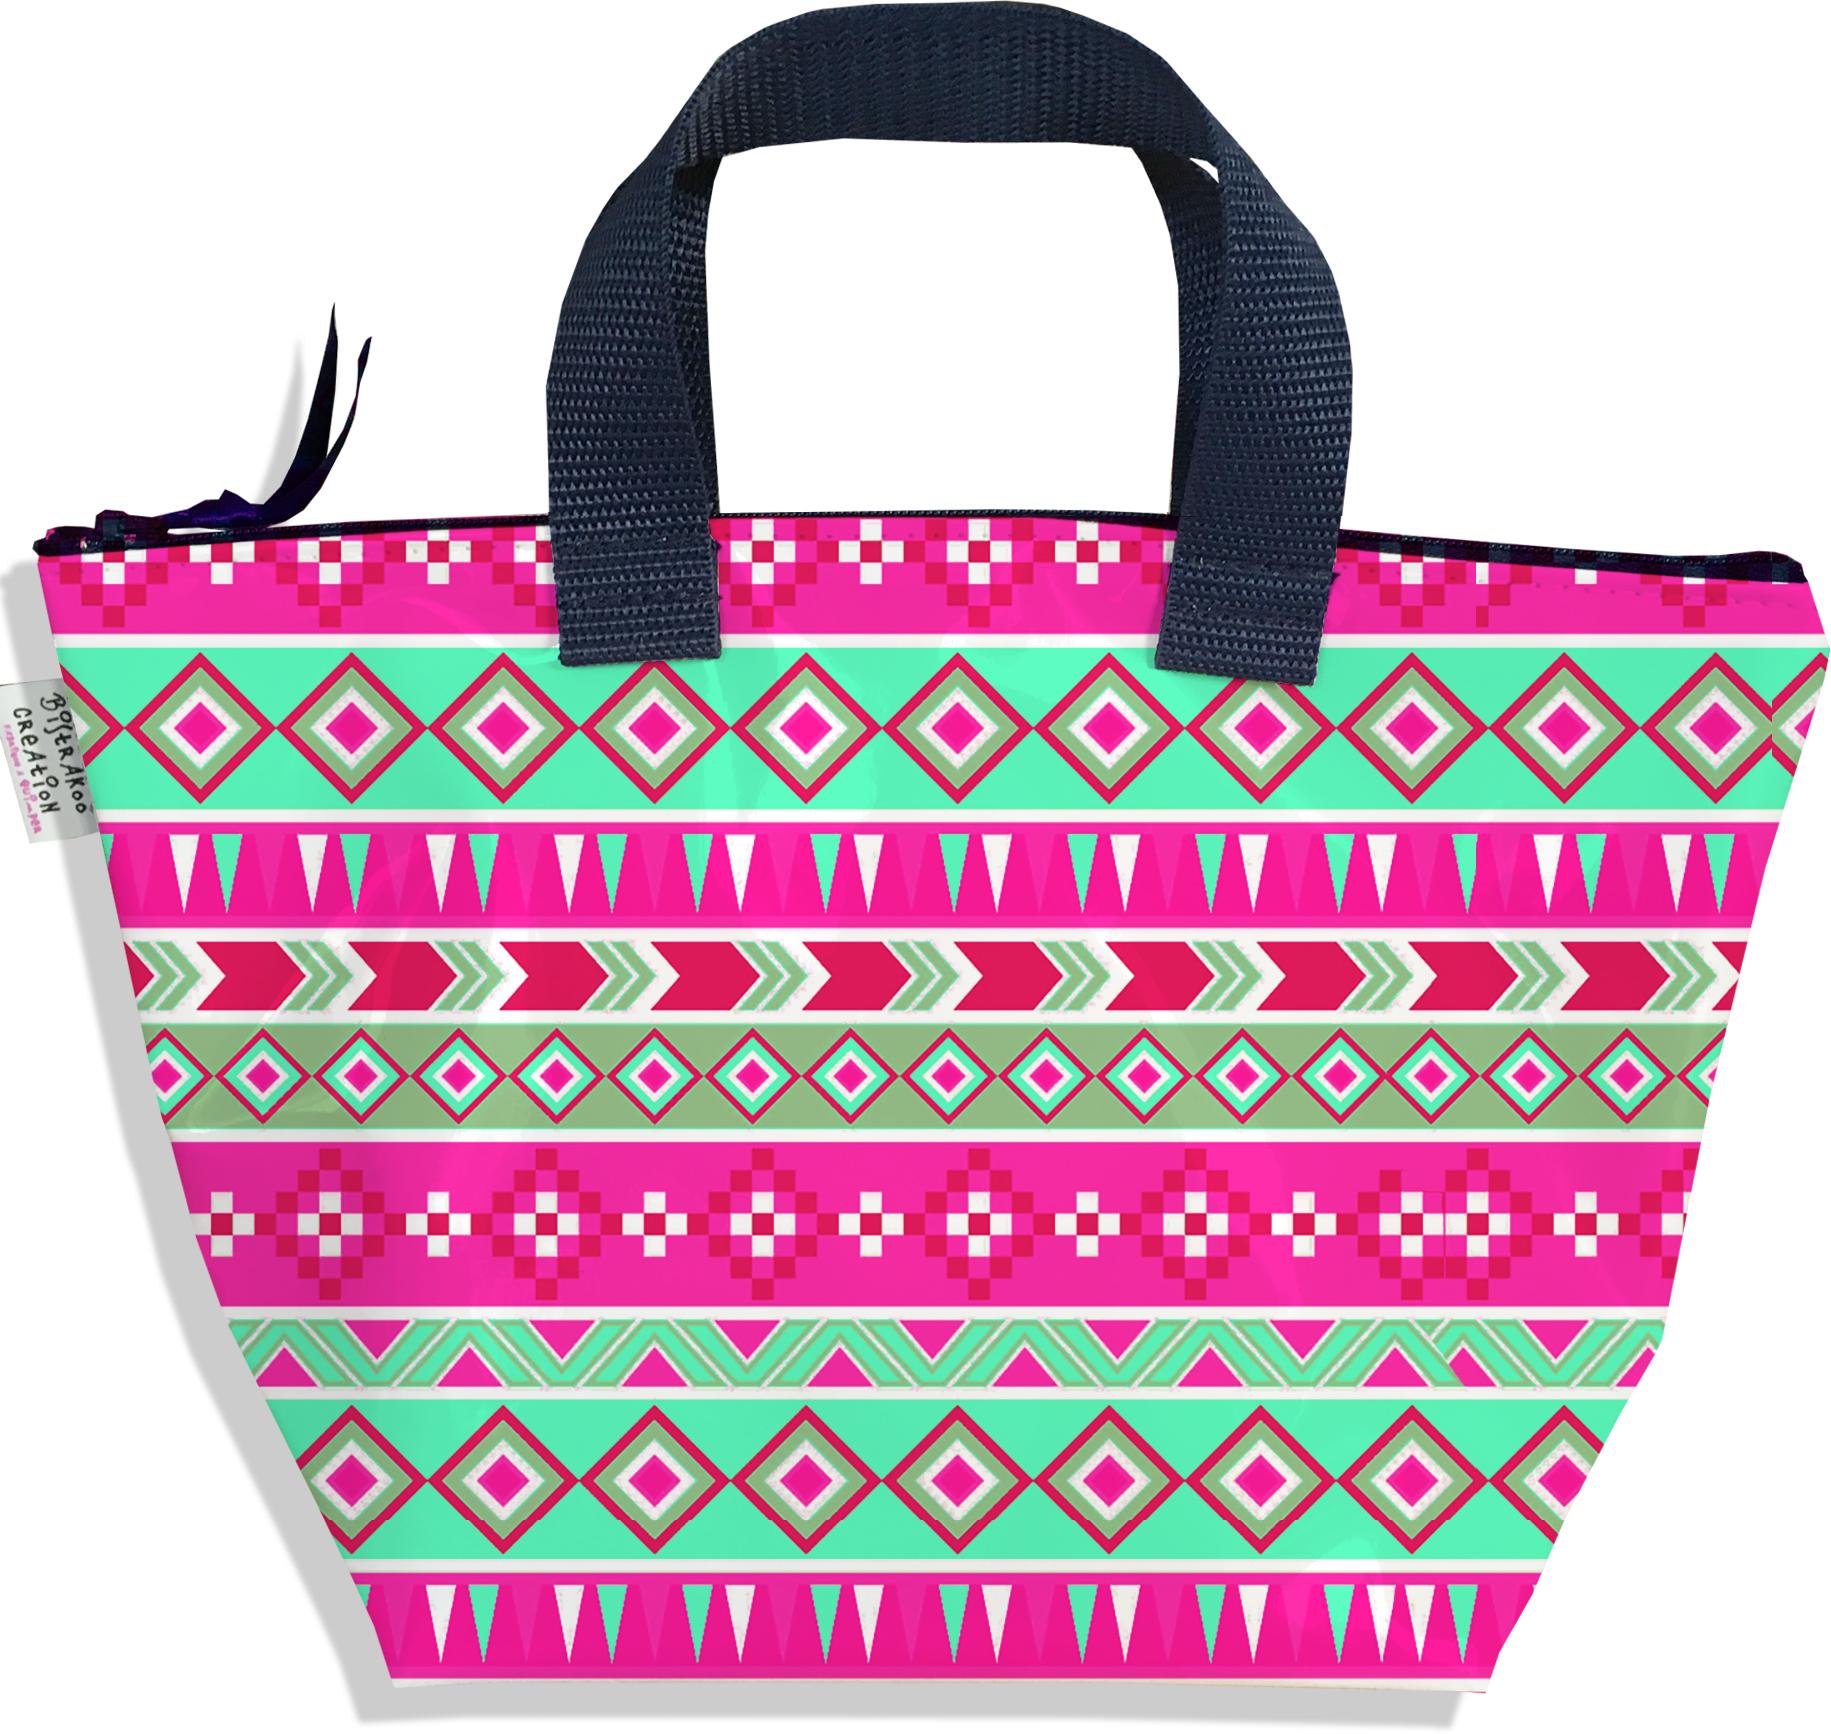 Sac à main zippé pour fille motif Aztec rose et vert 2317-2016